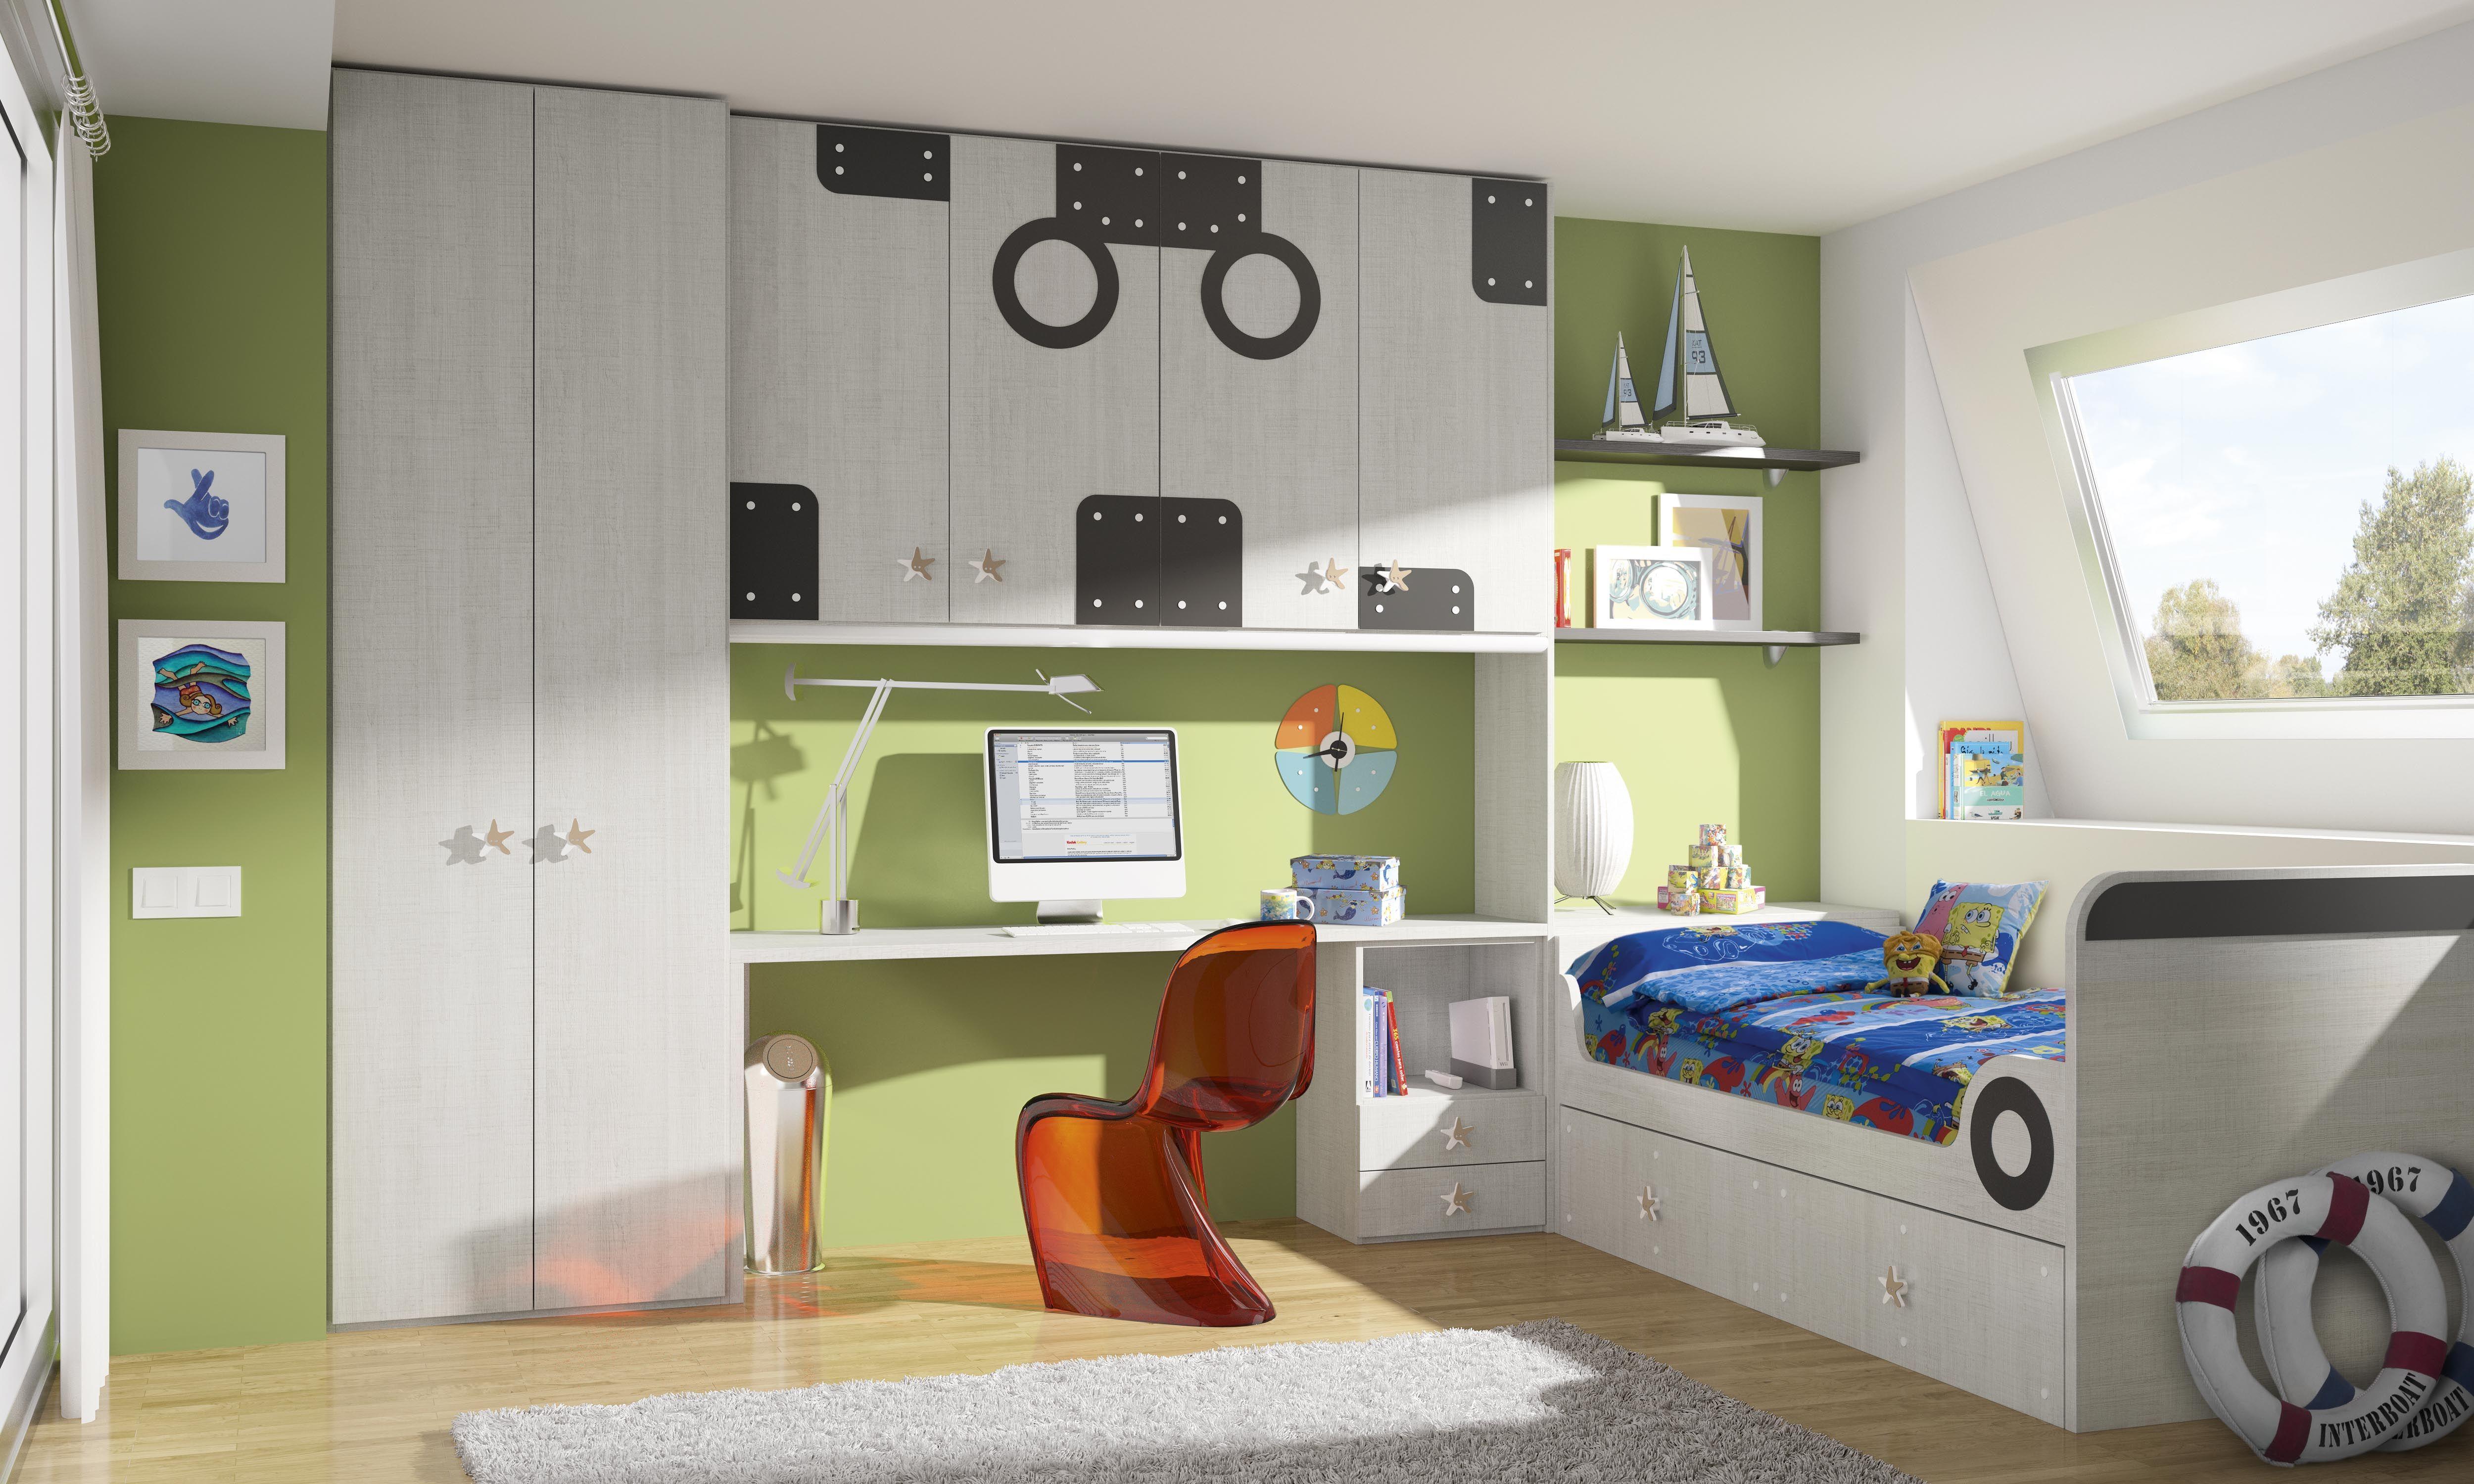 Habitaciones infantiles tem ticas dibujos animados bob6 fondo del mar seabed pinterest - Habitaciones infantiles tematicas ...